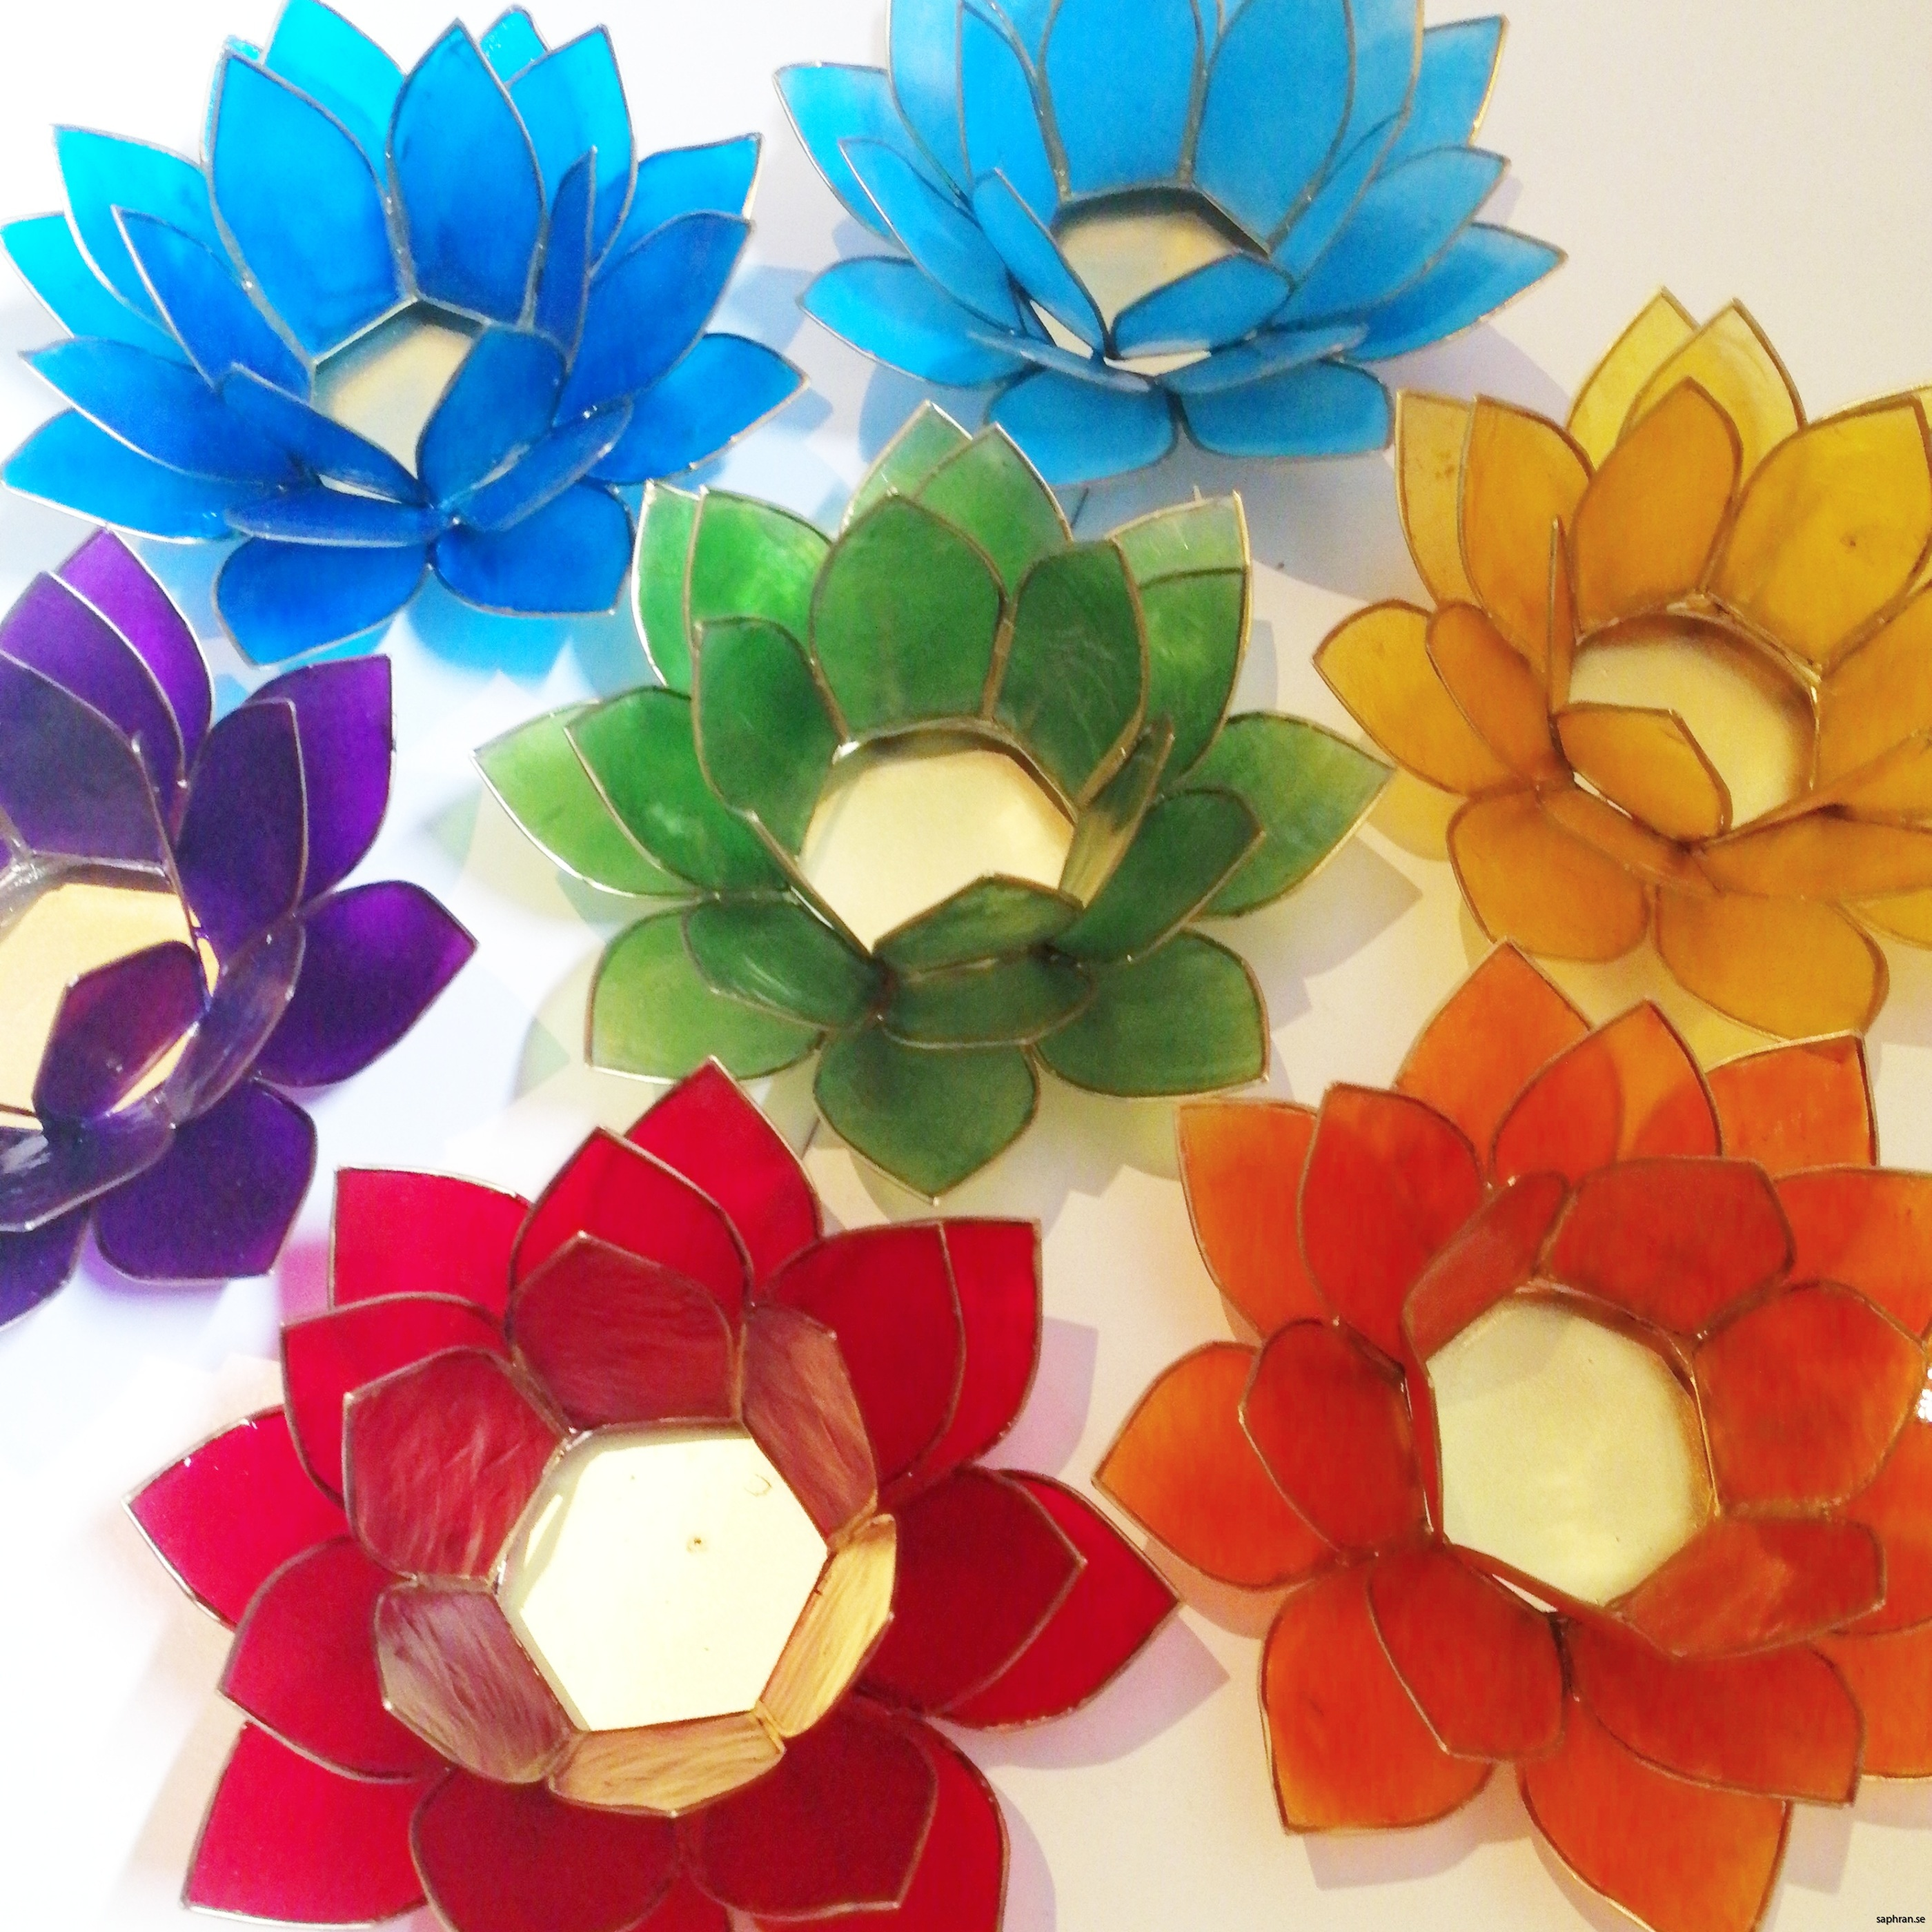 Lotusblomma ljuslykta 7 färger, chakra, regnbågen